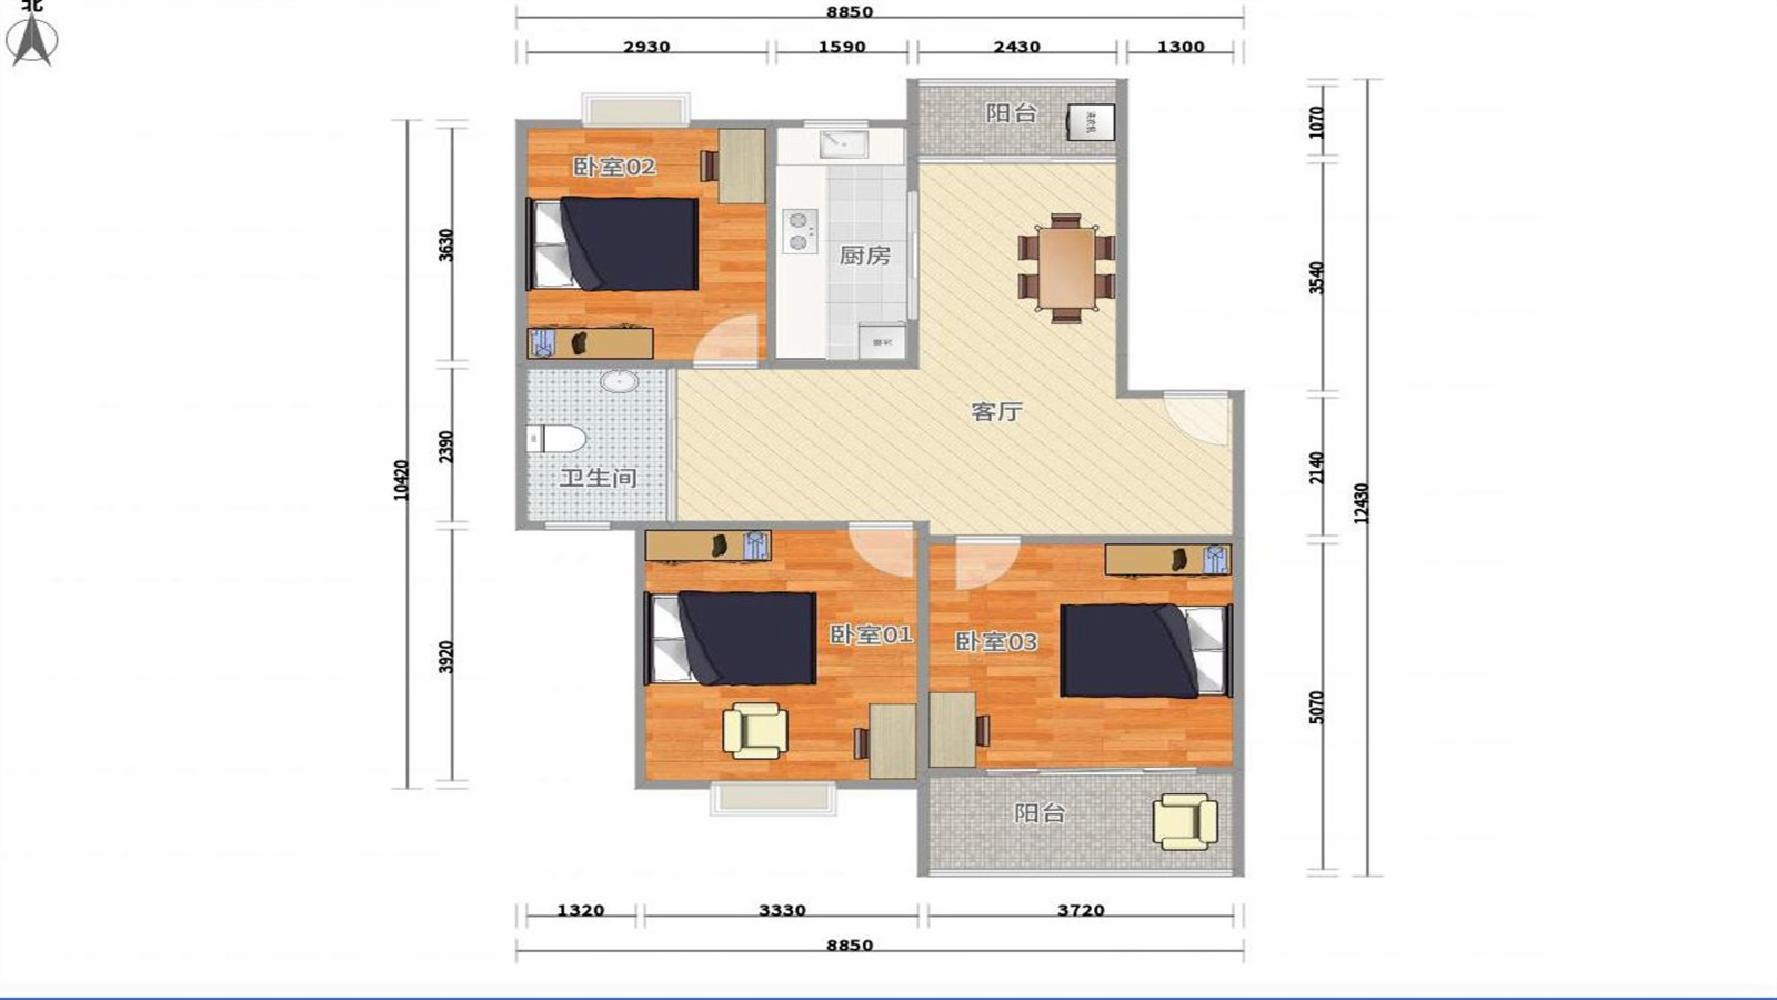 雨花台区西善桥大众花园3室1厅户型图